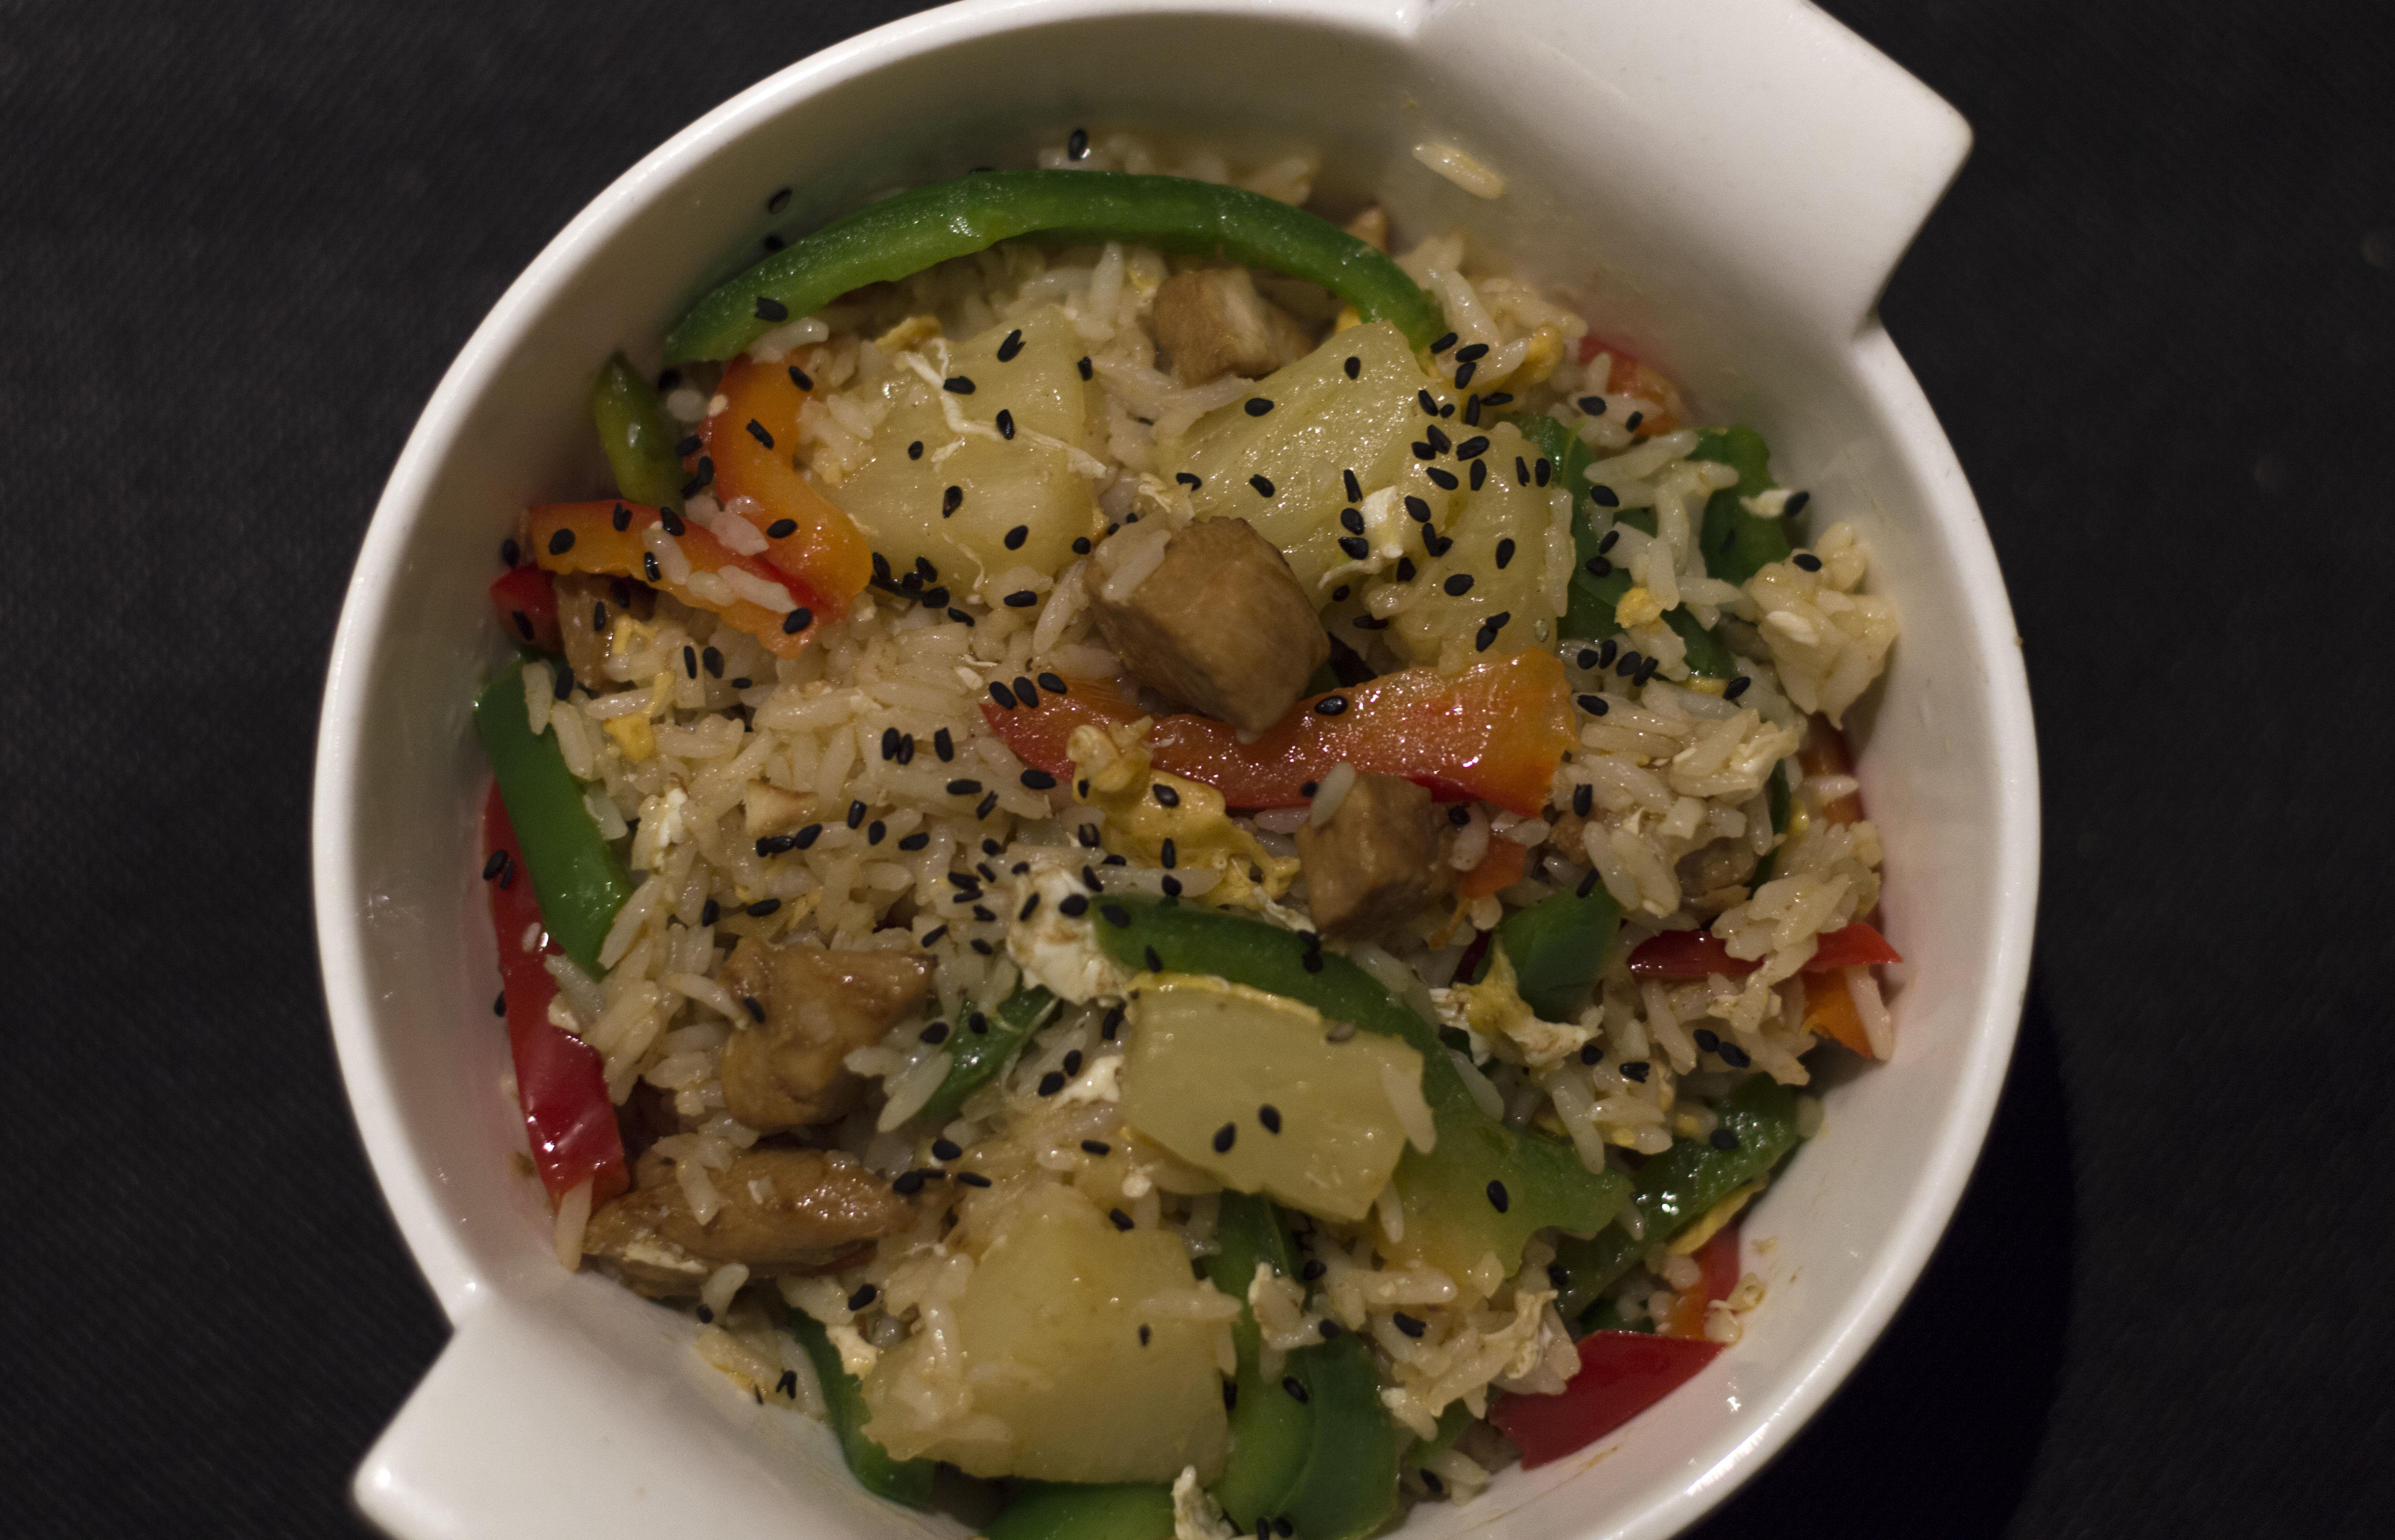 Cocina saludable y divertida